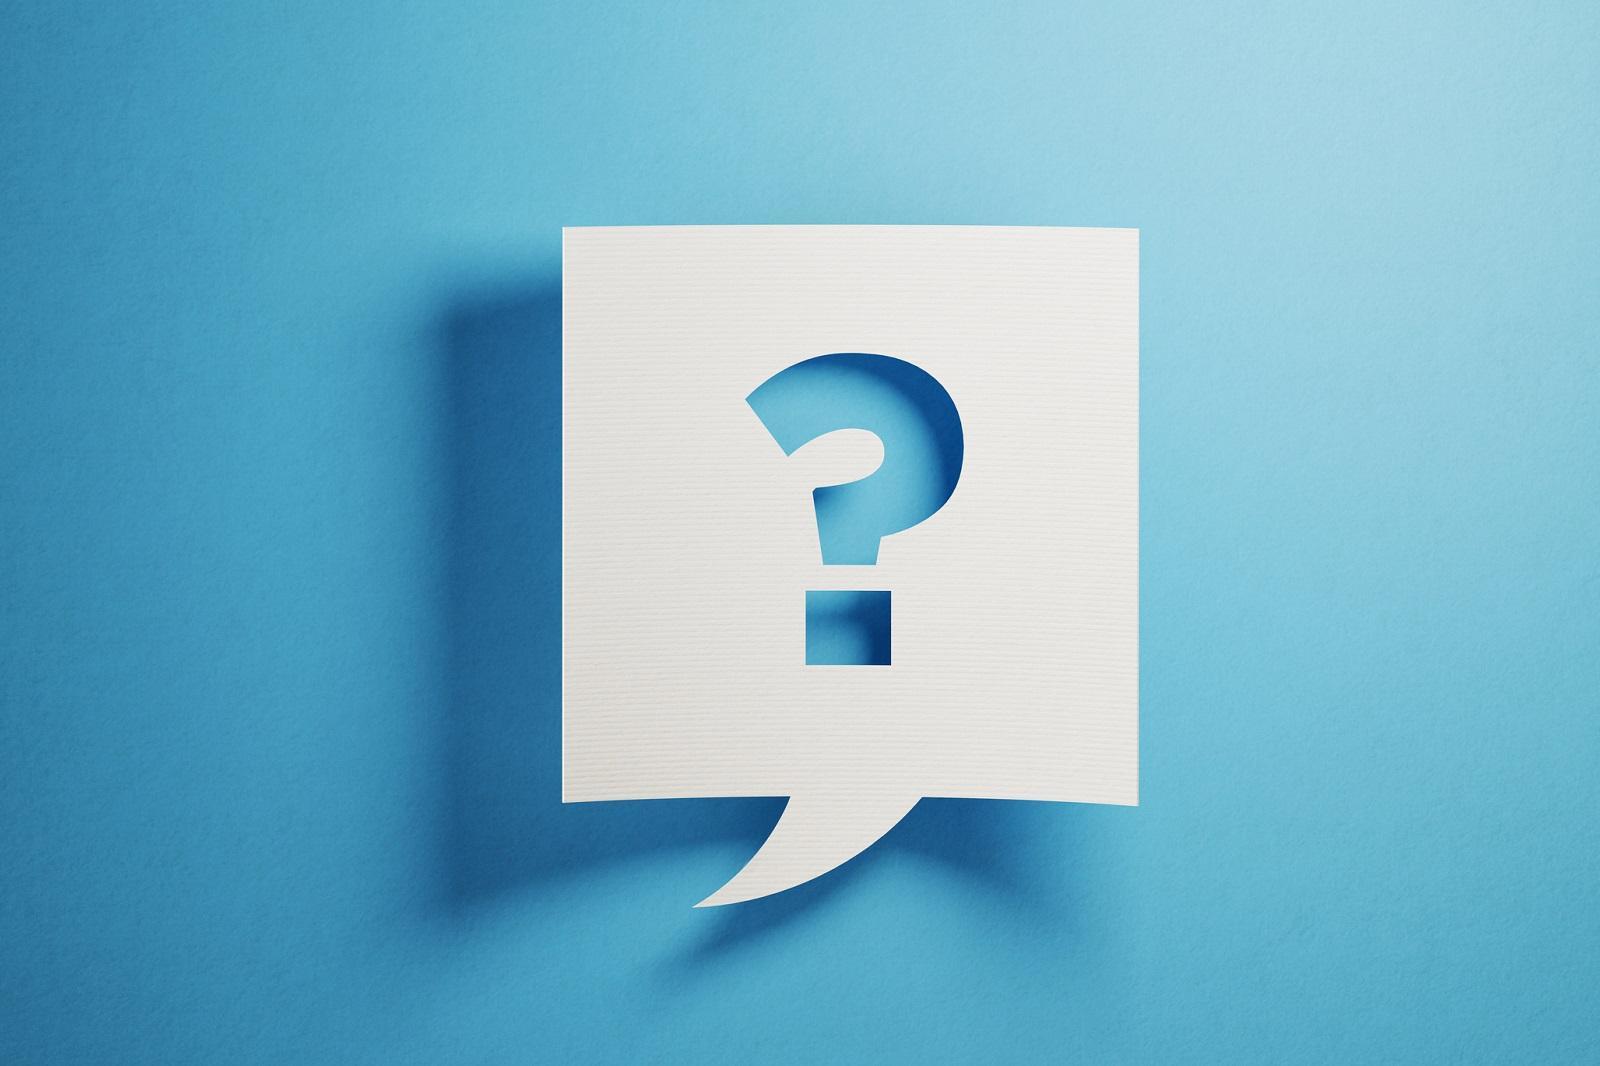 Czym jest i jak działa rekuperator?